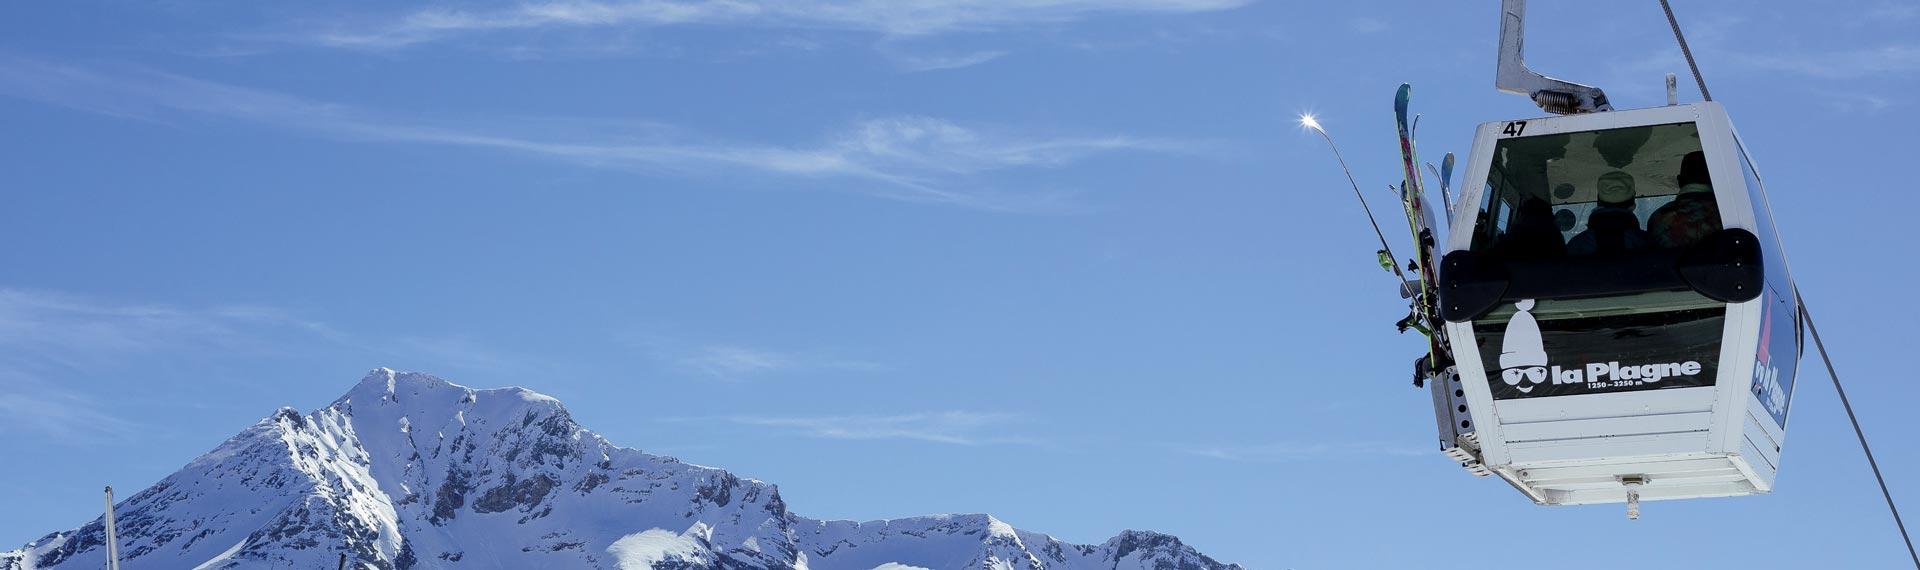 H tel belle plagne h bergement vacances de ski la for Hotel au ski